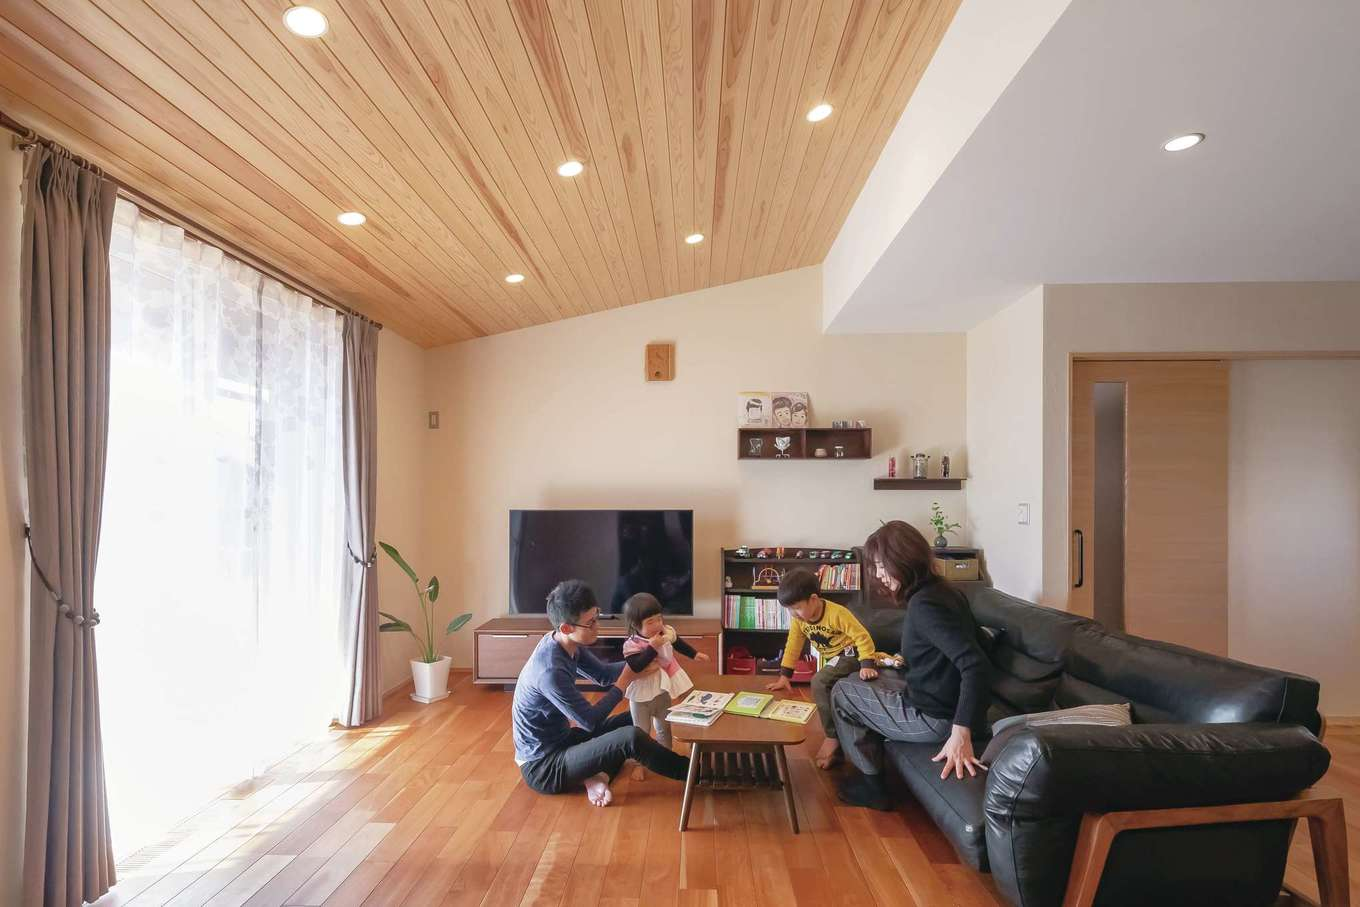 新栄住宅【デザイン住宅、子育て、間取り】気持ちいい風が通り抜ける22.3畳のLDK。リビングの勾配天井に無垢板を貼り、アクセントをつけた。飾り棚にグリーンや小物を飾って季節感を演出